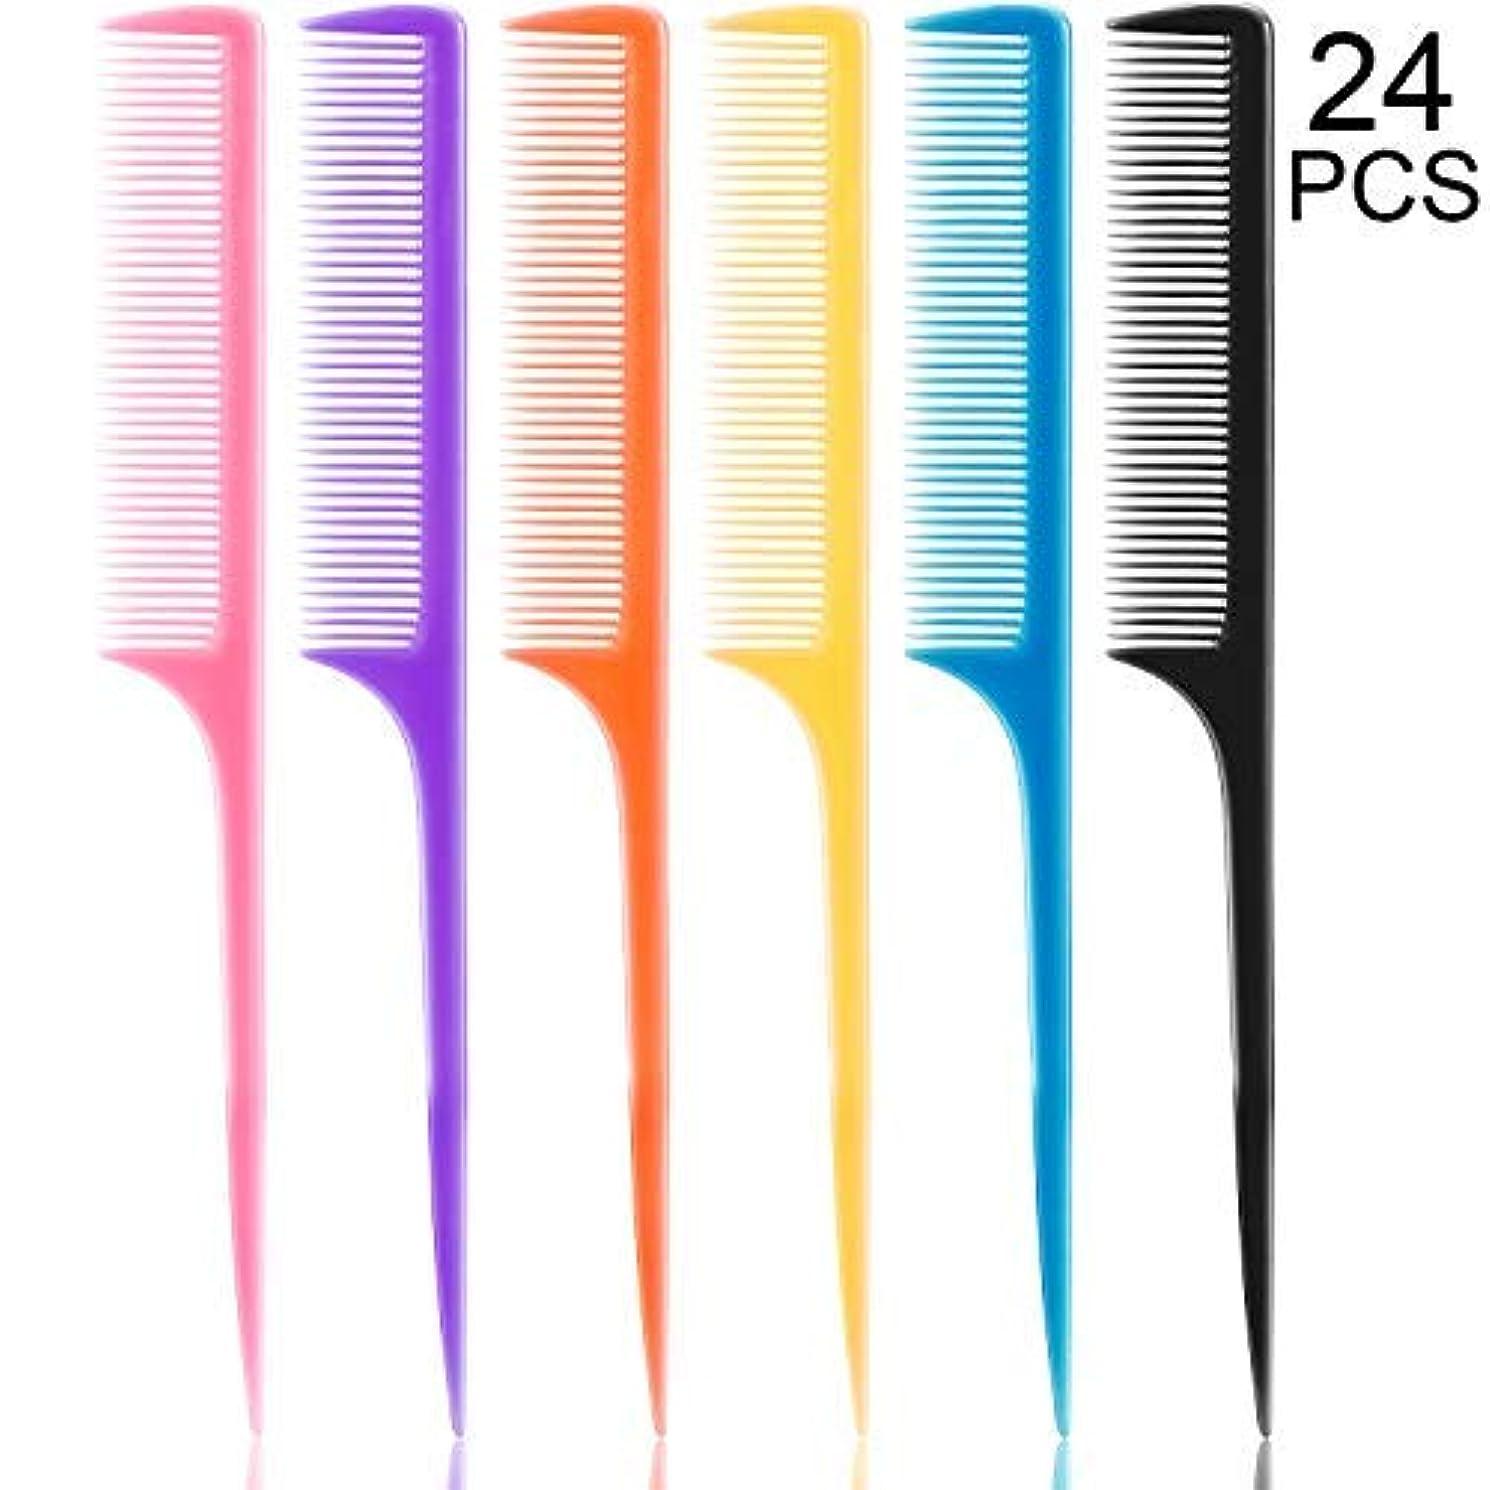 勝利細分化する豊富24 Pieces Plastic Rat Tail Combs 8.5 Inch Fine-tooth Hair Combs Pin Tail Hair Styling Combs with Thin and Long...